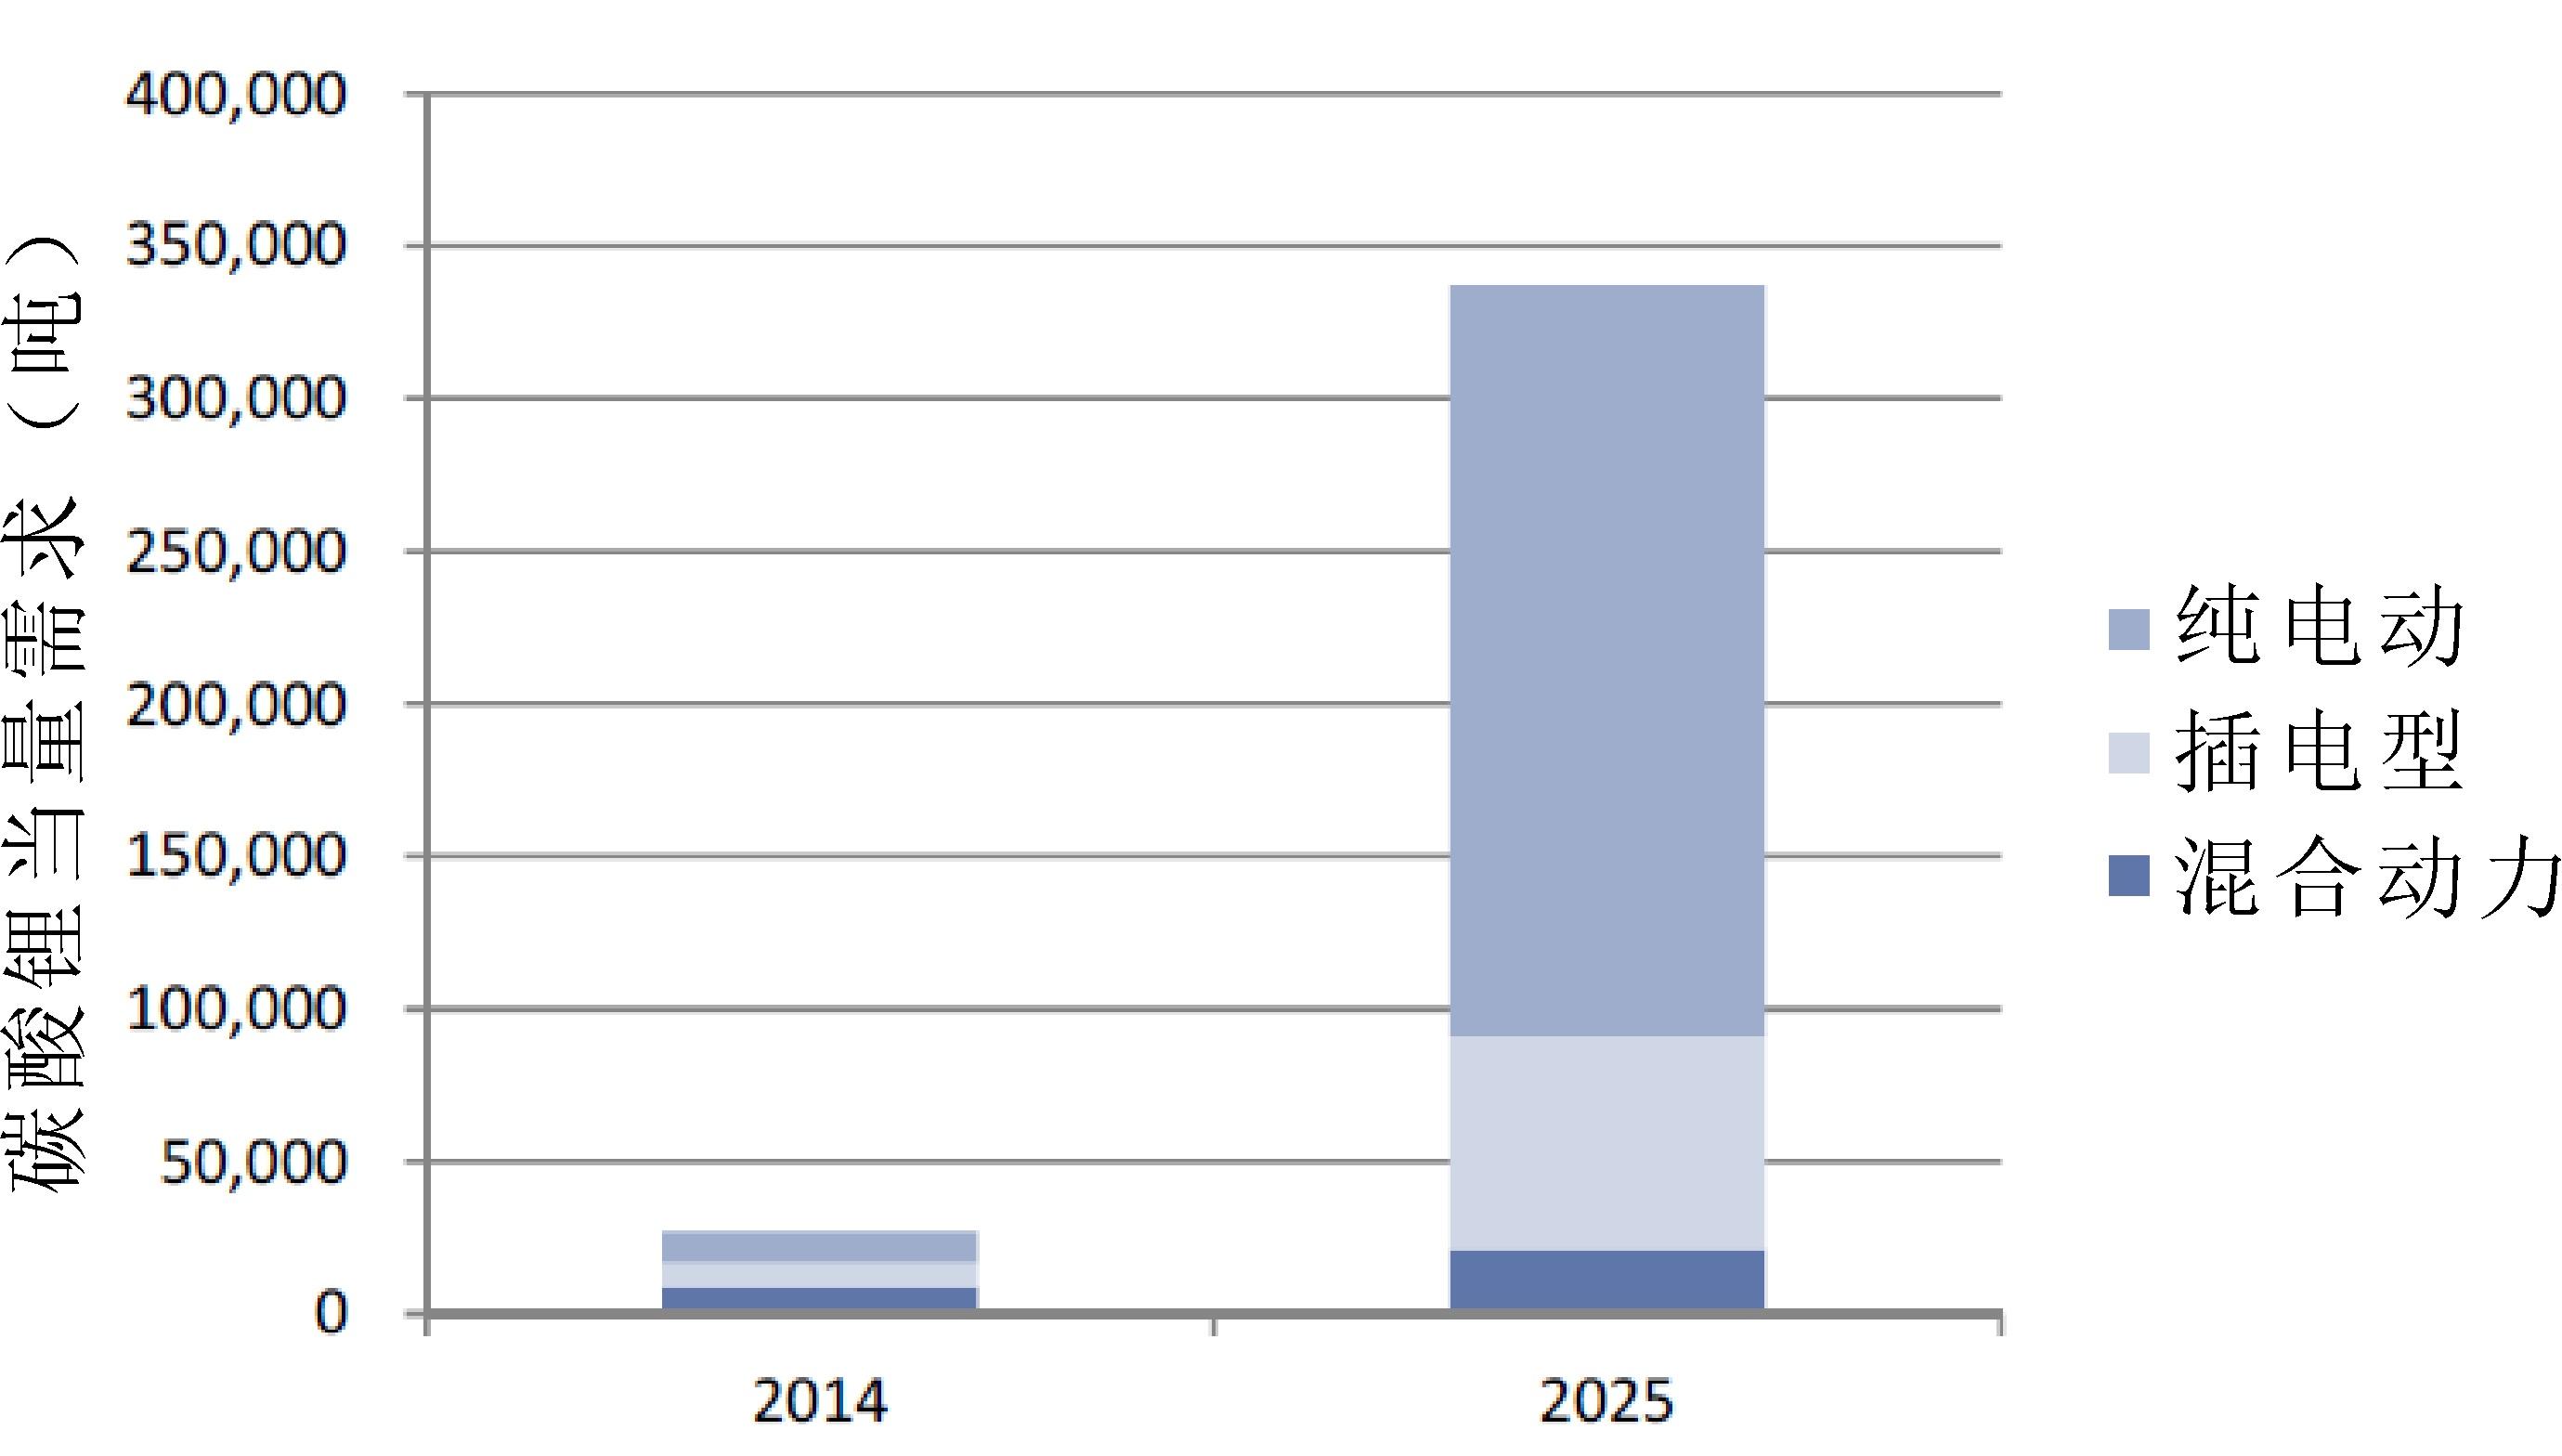 盐湖锂难以规模化 中国锂资源亟待国家战略层面统筹发展